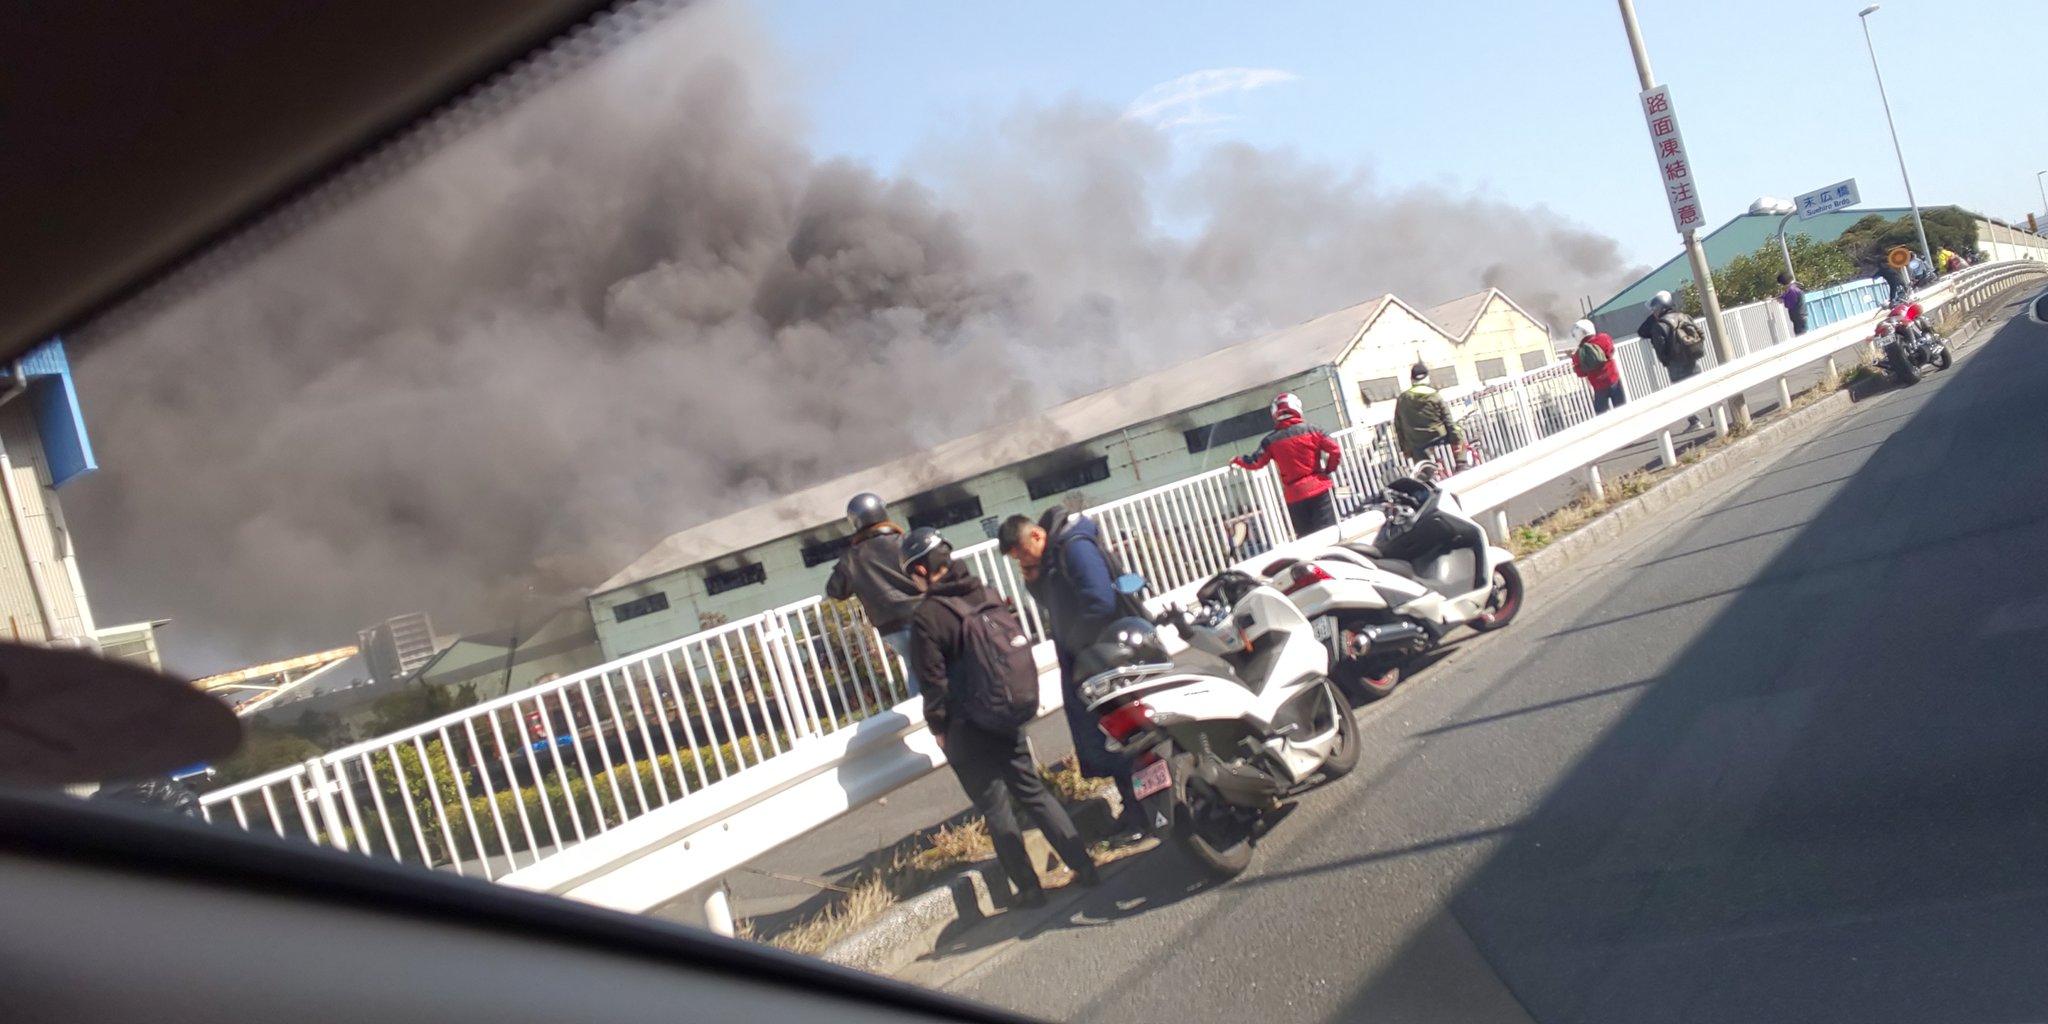 船橋市栄町の東洋電業が炎上している火災現場の画像